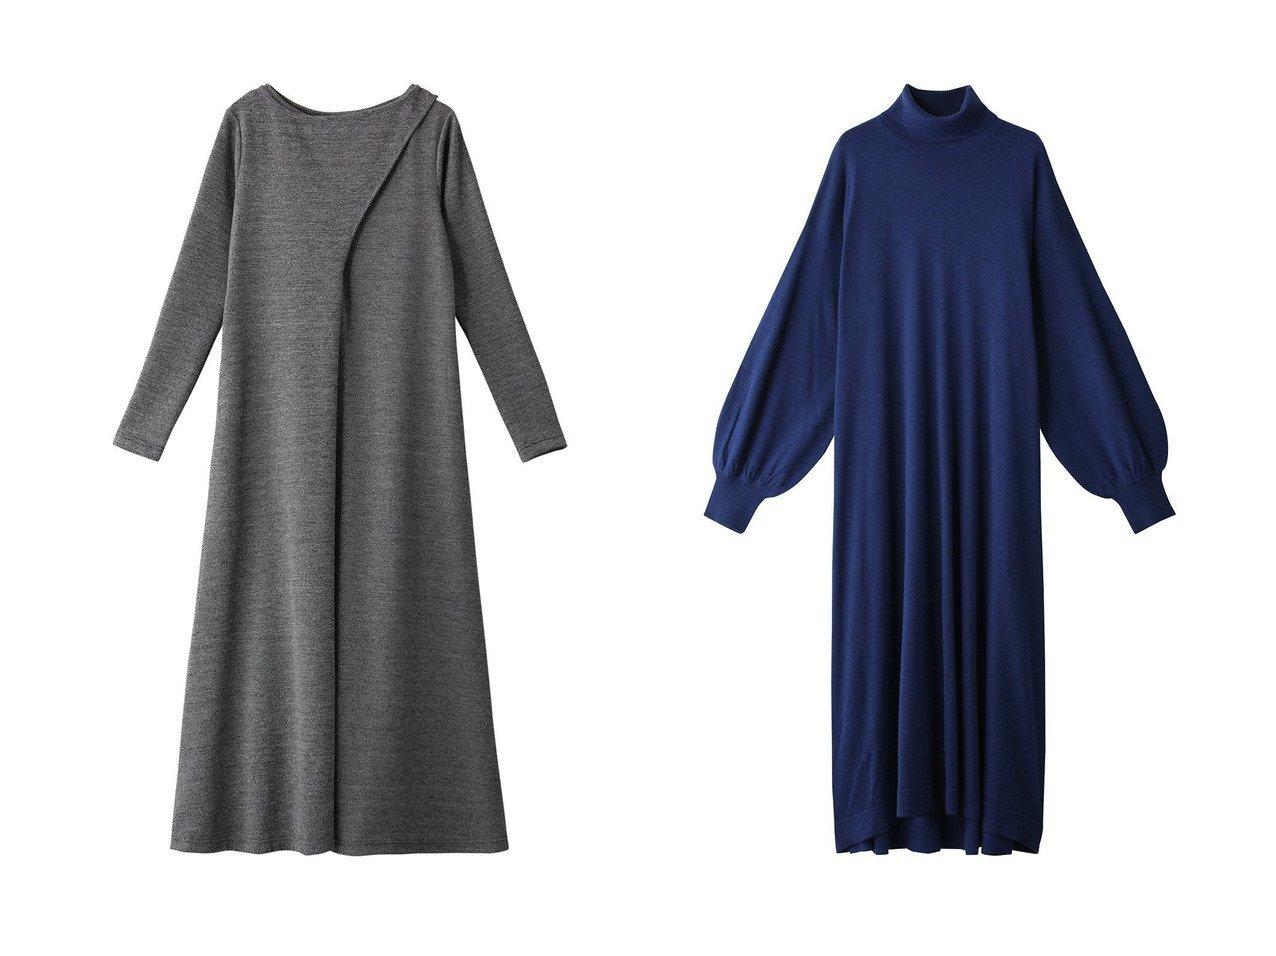 【MIDIUMISOLID/ミディウミソリッド】のロングニットワンピース&【Ezick/エジック】のツイードチョウニットワンピース ワンピース・ドレスのおすすめ!人気、レディースファッションの通販 おすすめで人気のファッション通販商品 インテリア・家具・キッズファッション・メンズファッション・レディースファッション・服の通販 founy(ファニー) https://founy.com/ ファッション Fashion レディース WOMEN ワンピース Dress ニットワンピース Knit Dresses ツイード ロング スリム スリーブ ハイネック ベーシック 秋冬 A/W Autumn/ Winter  ID:crp329100000002972